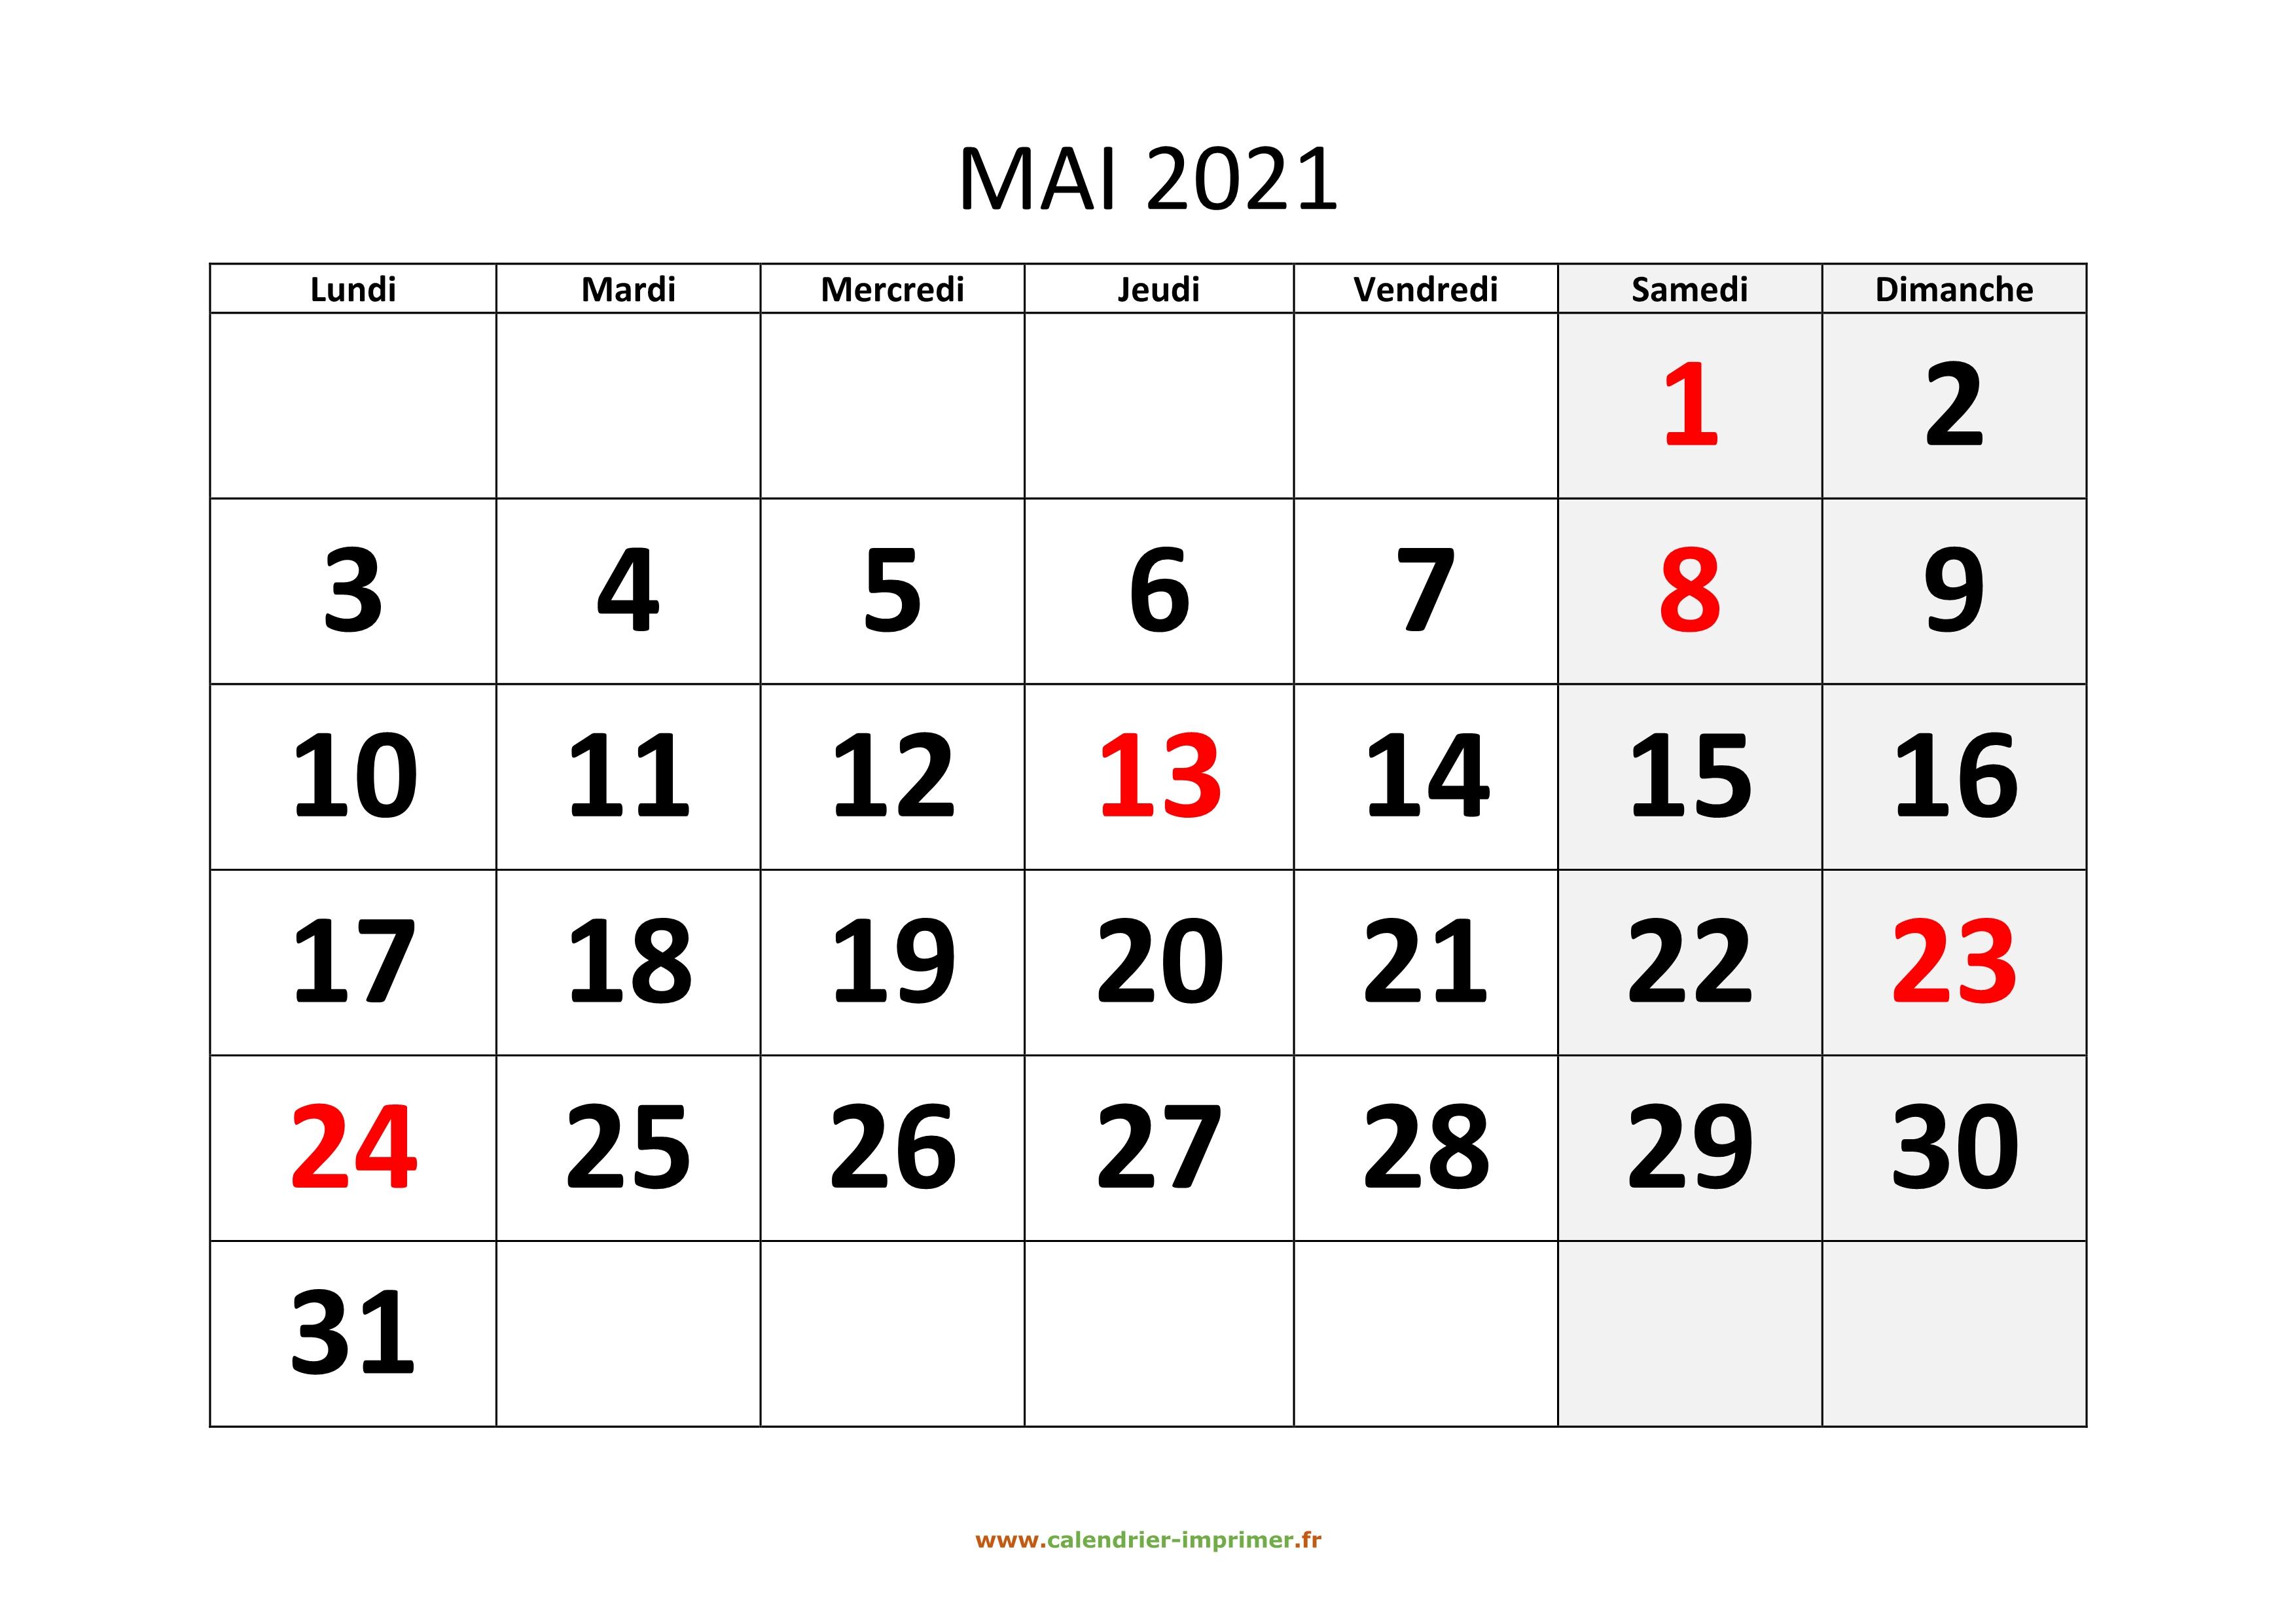 Calendrier 2021 Mois De Mai Calendrier Mai 2021 à imprimer